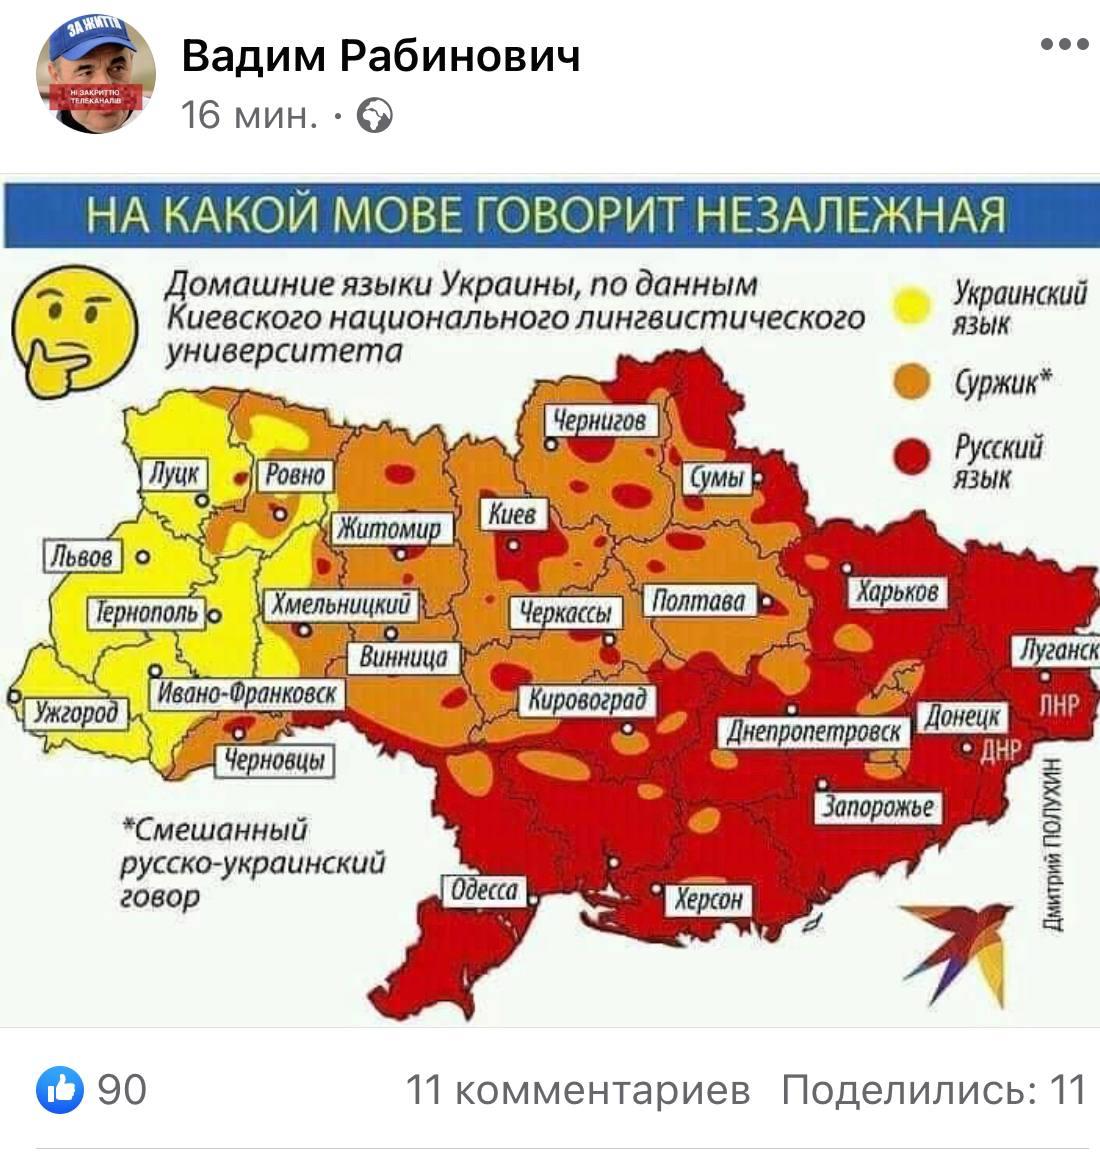 Нардеп Рабинович попал в очередной скандал, за который может сесть в тюрьму  - фото 2